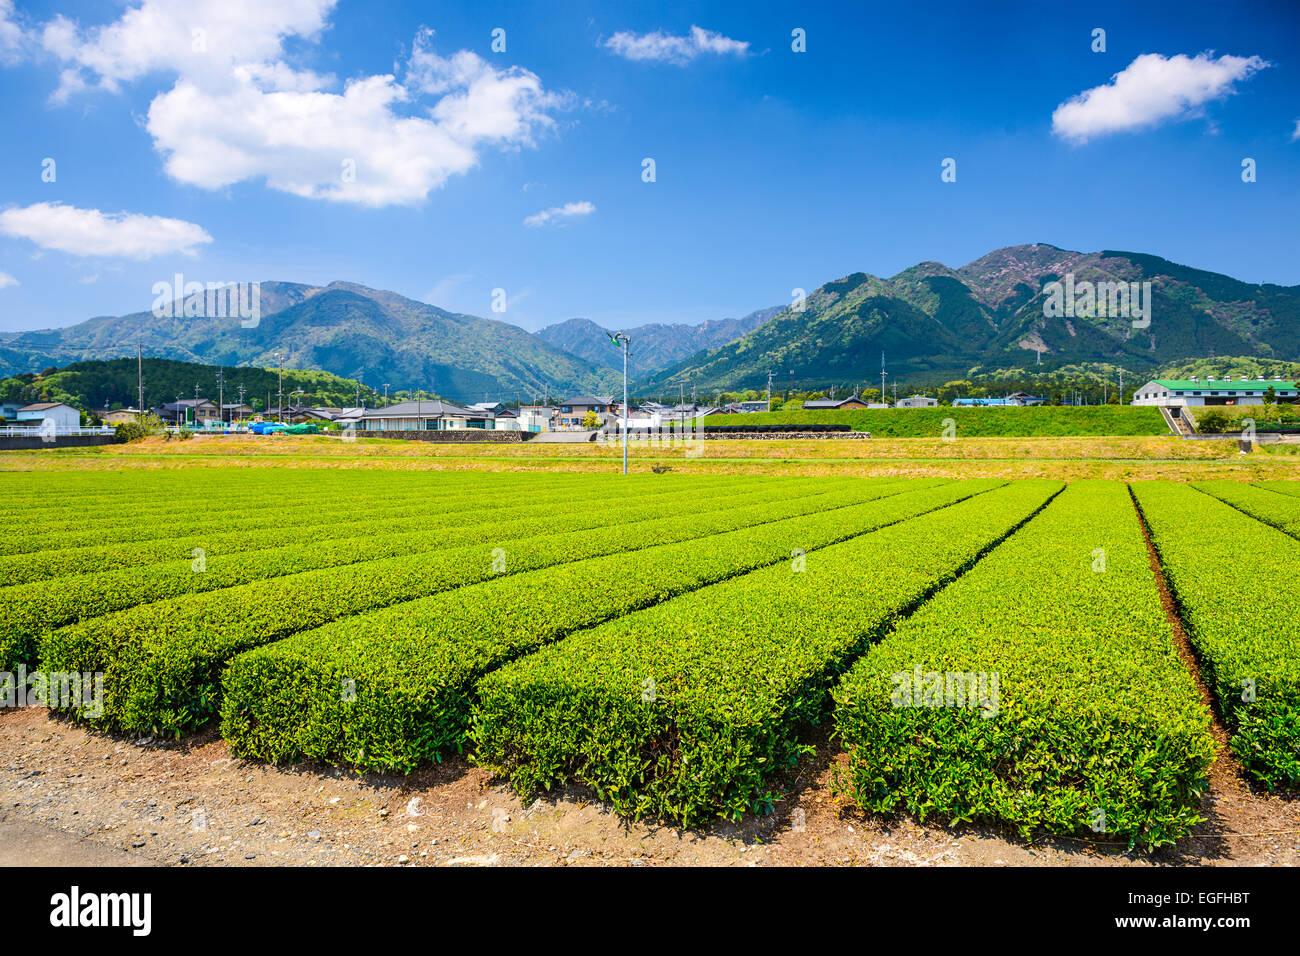 La plantation de thé à Yokkaichi, paysage du Japon. Photo Stock